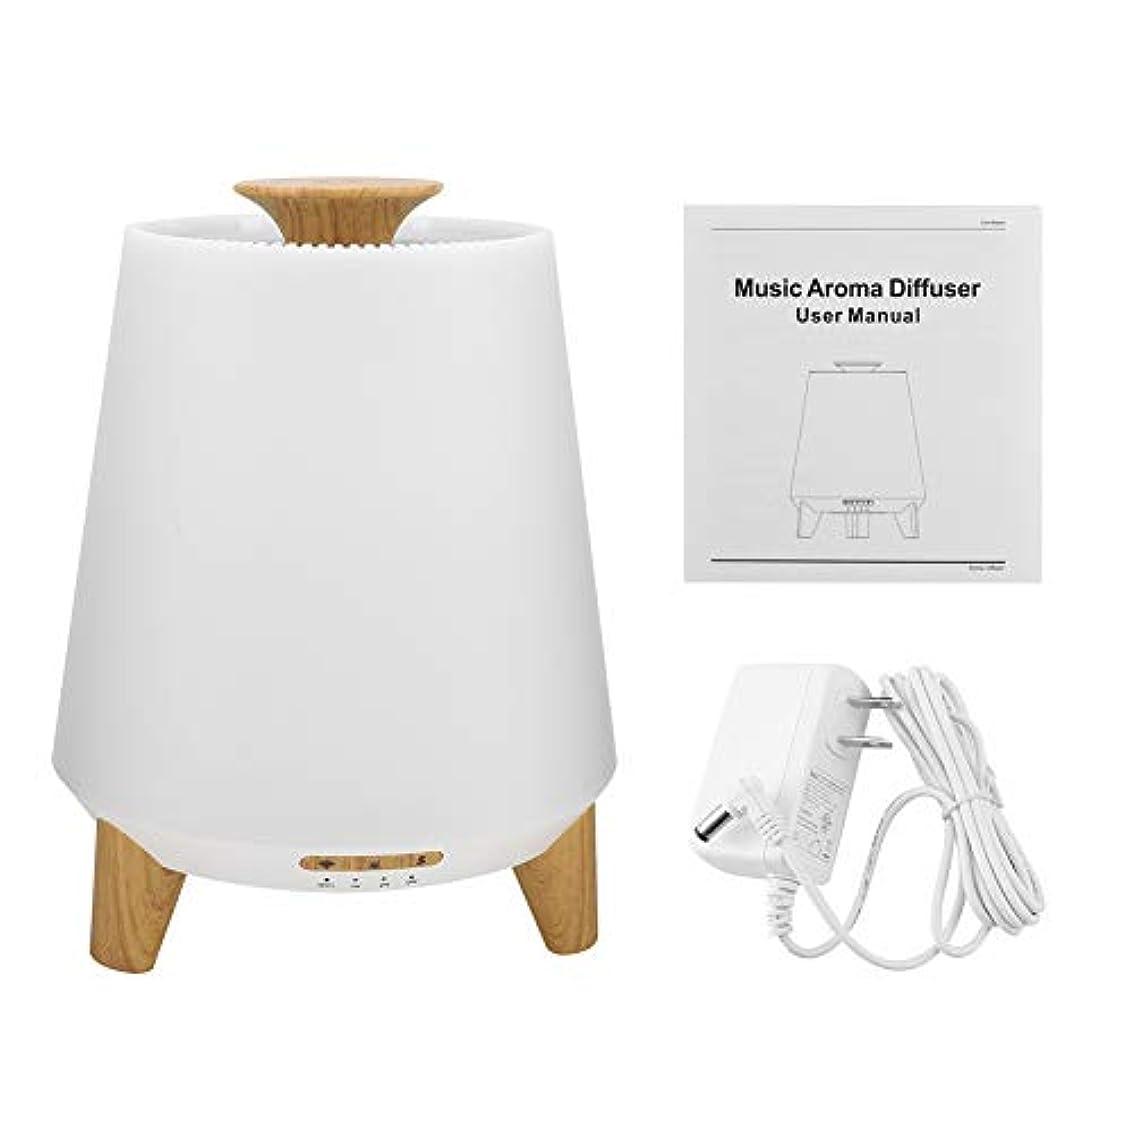 千ボール剥ぎ取る加湿器 アロマディフューザー 音楽プレーヤー 3 in 1 7色LEDライト クールミスト WIFI スマート 超音波 アロマ エッセンシャルオイル 互換性用 300ml(#1)